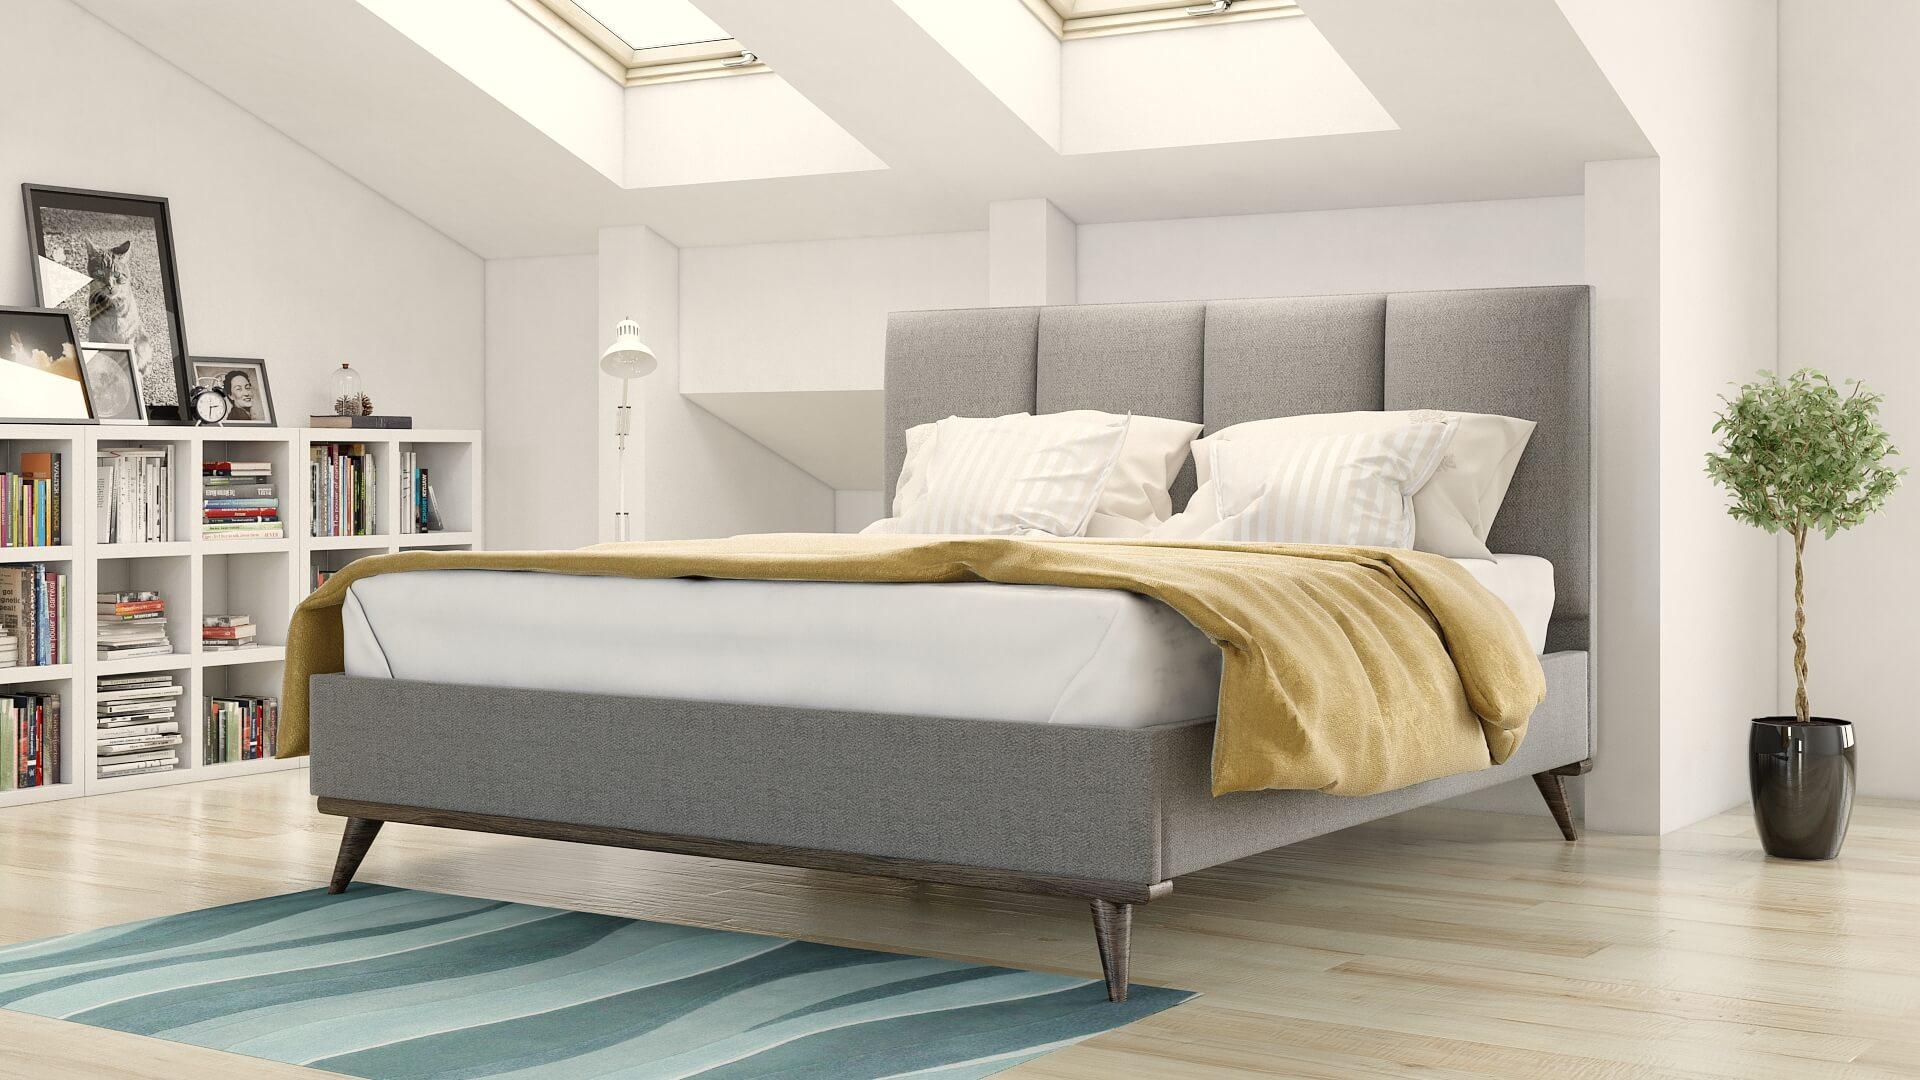 celine bed furniture gallery 5